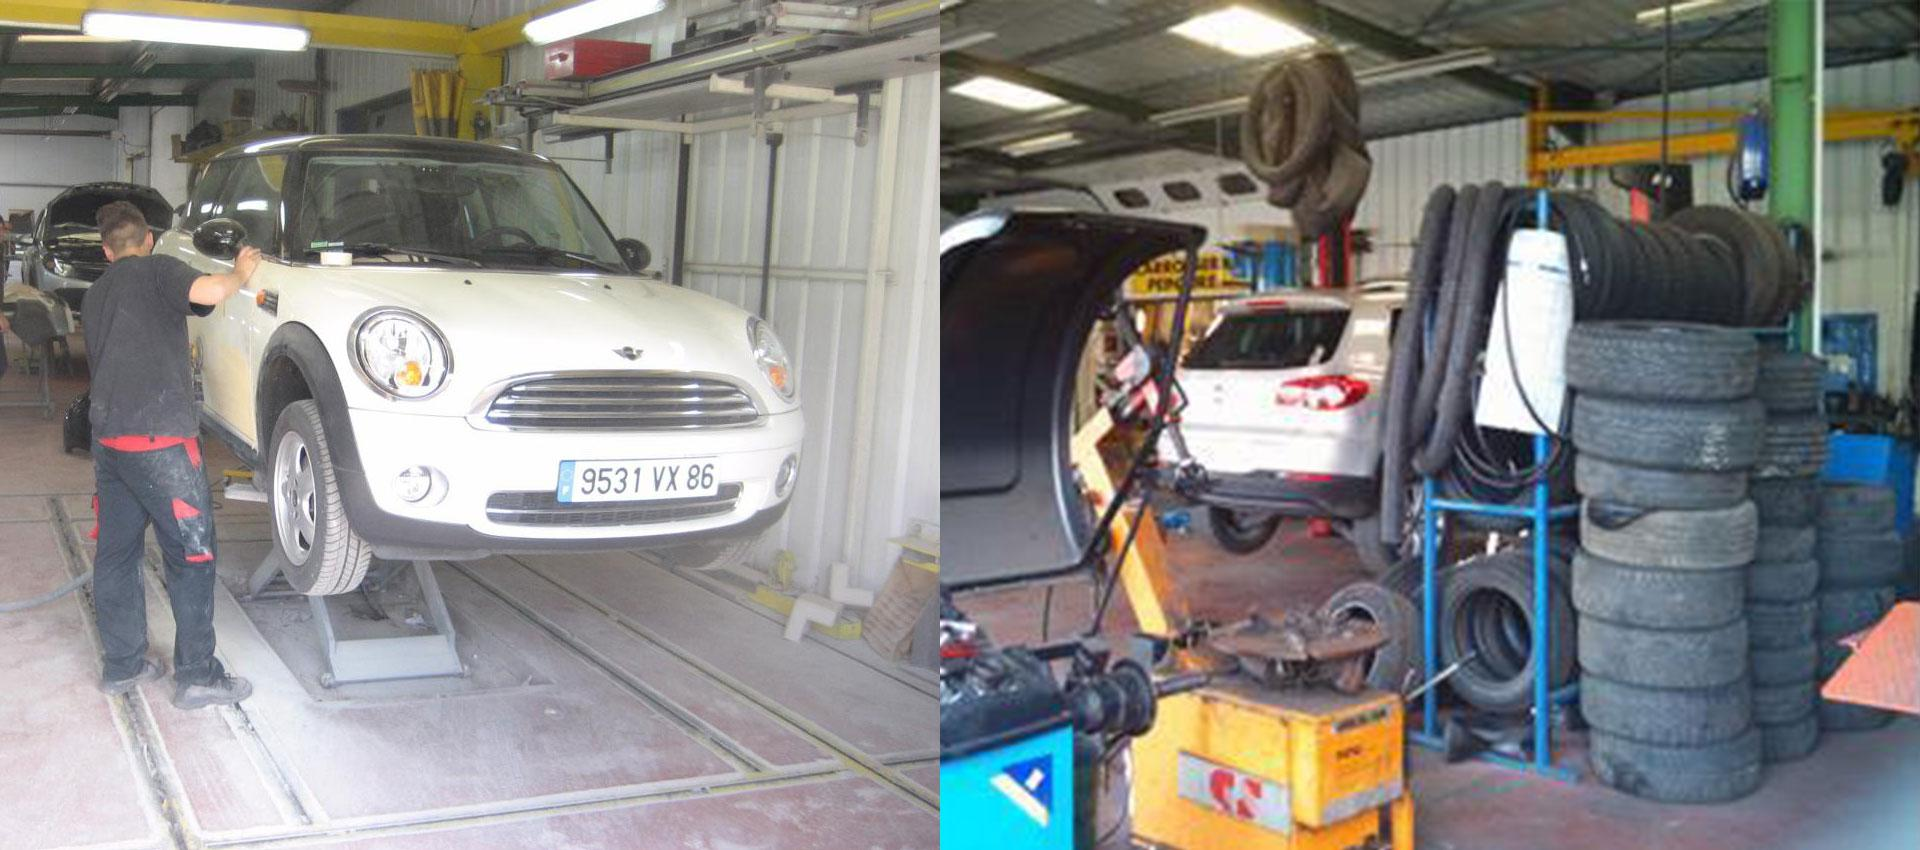 réparations automobiles poitiers